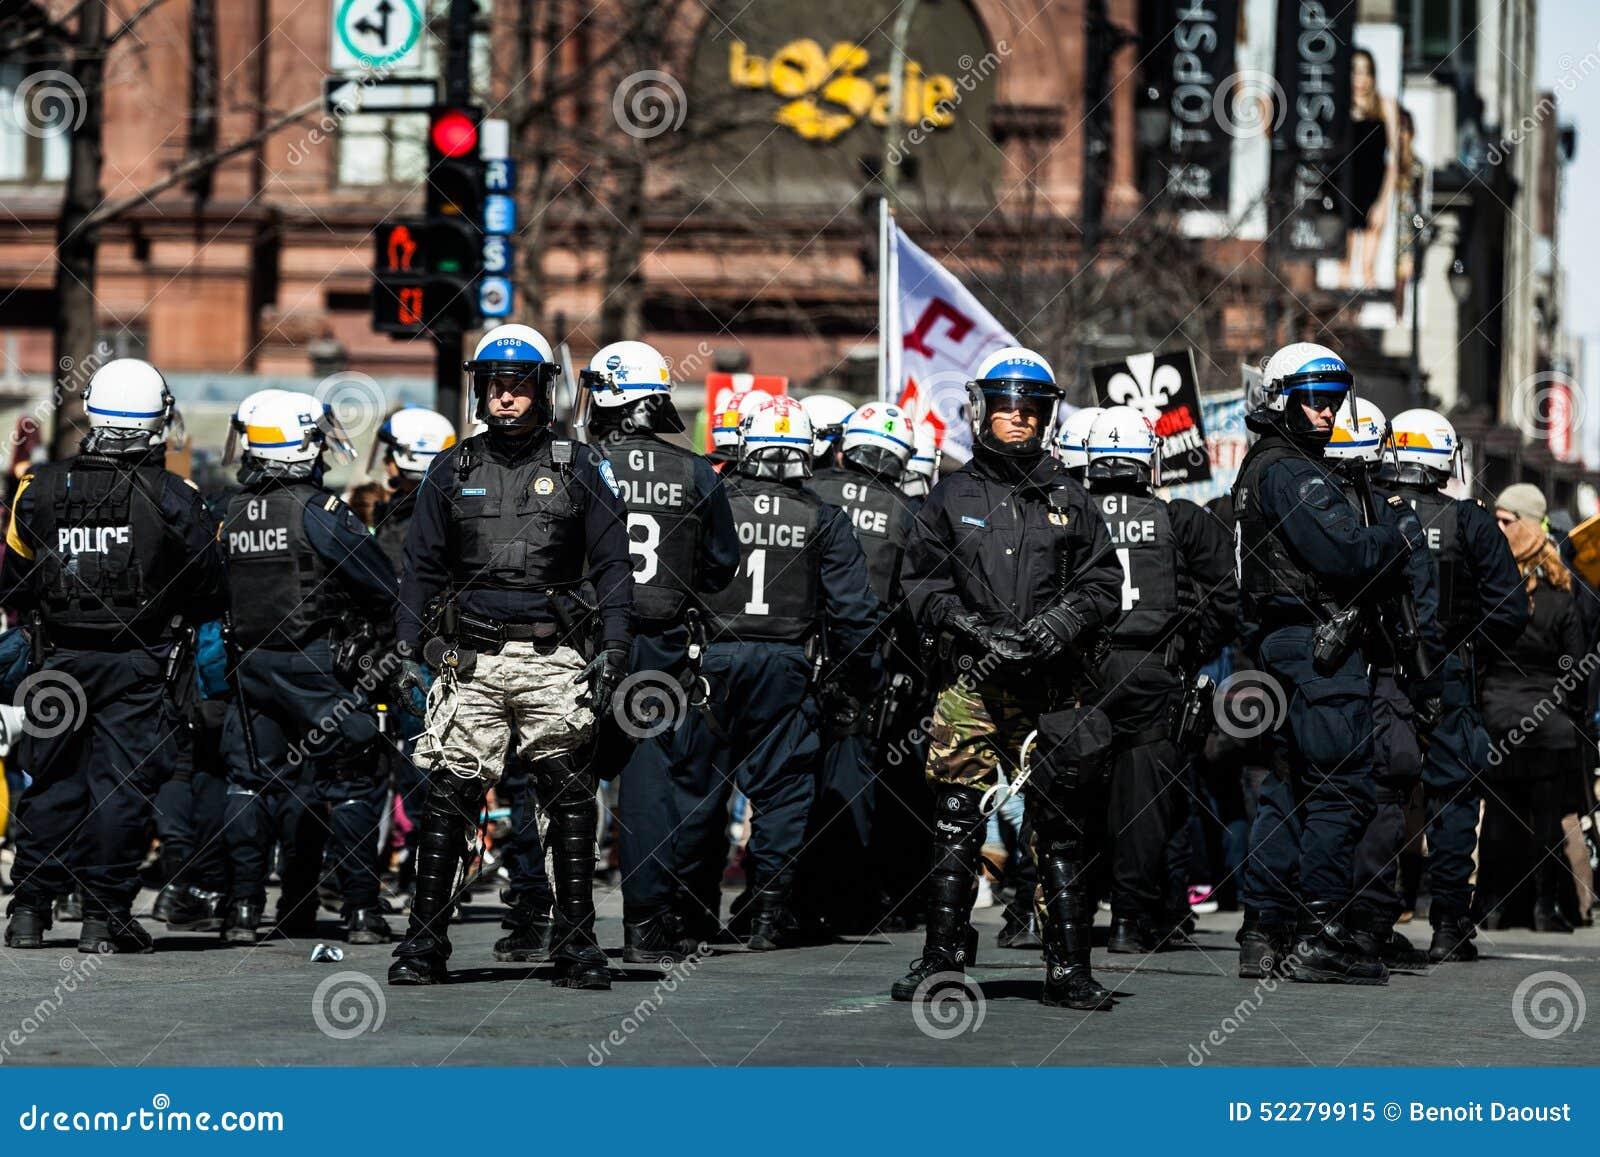 Buntuje się w Montreal ulicach sprzeciwiać się Ekonomiczną surowość M